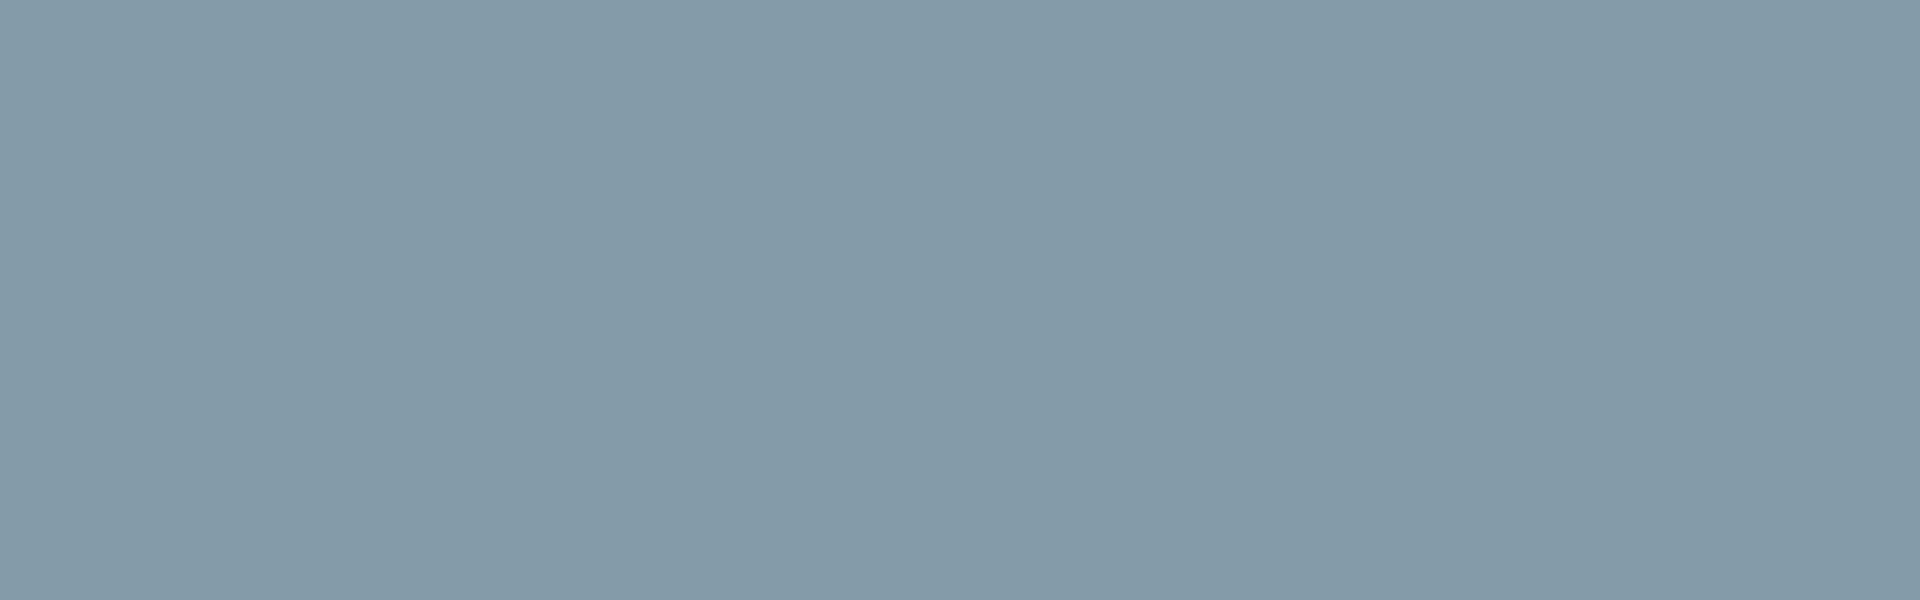 Solunmty-Bannière-grise